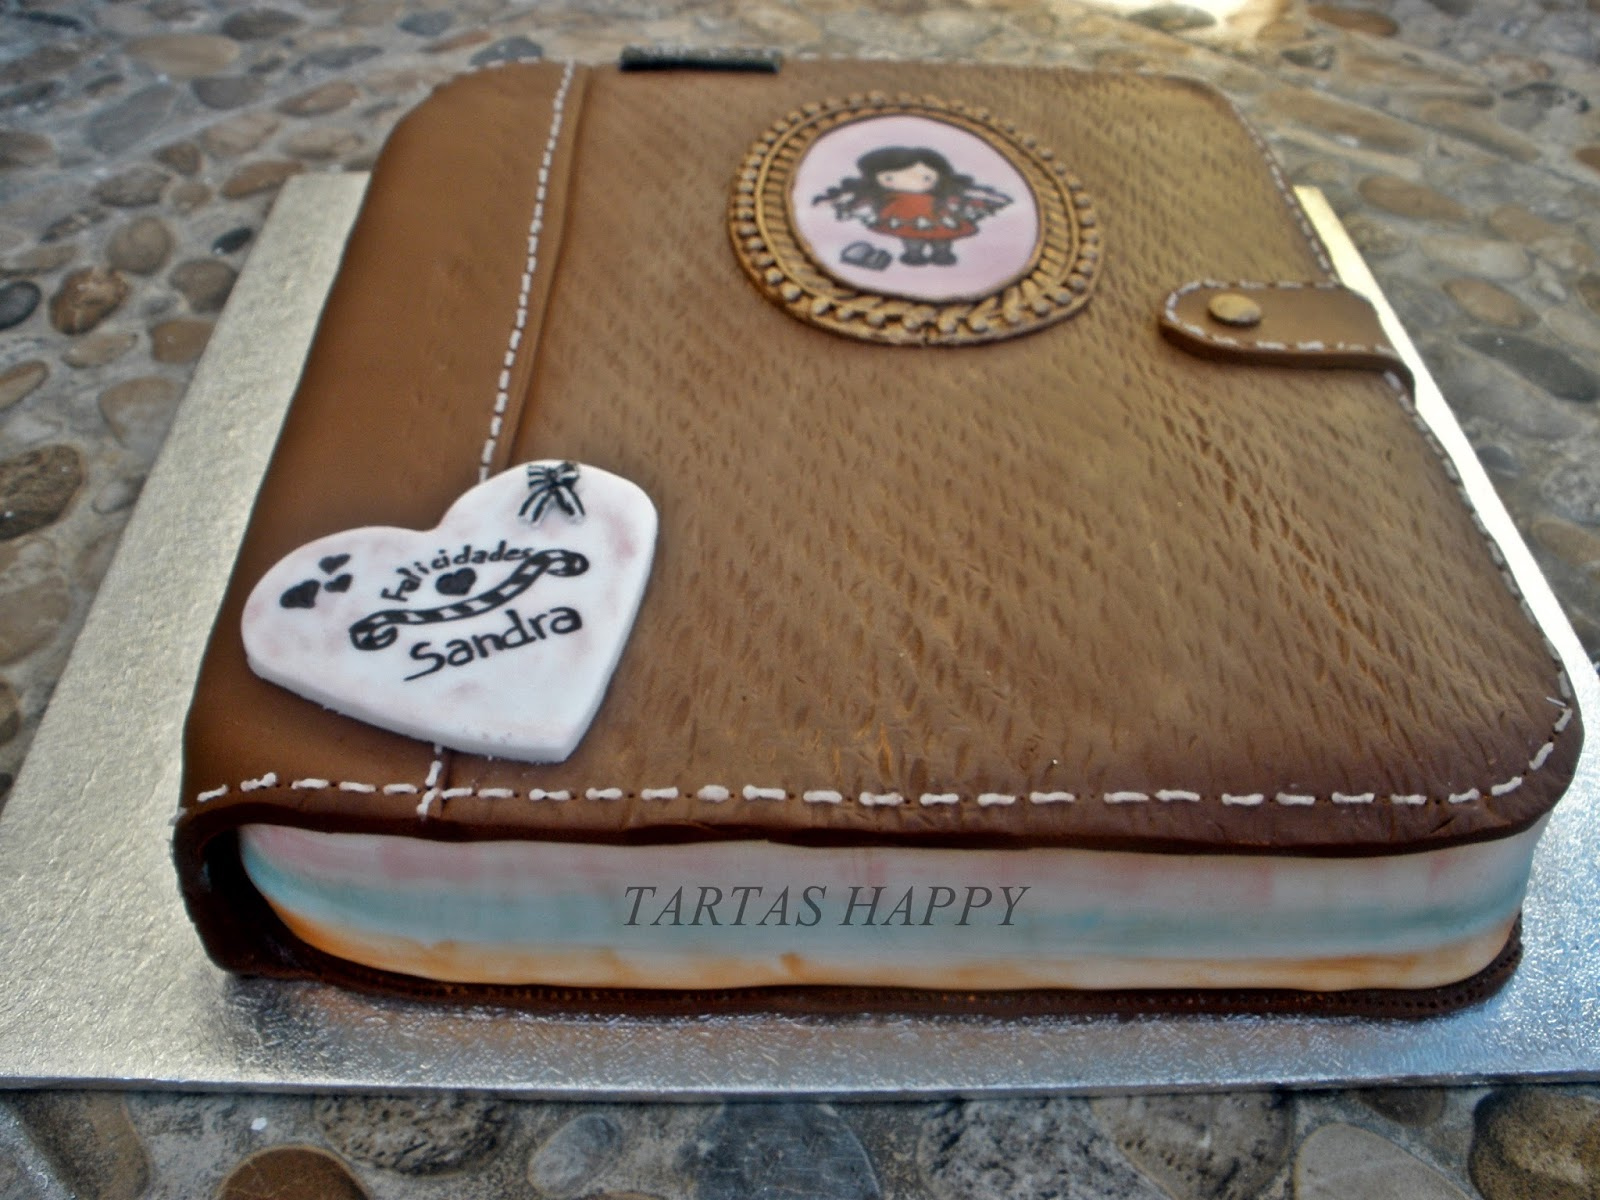 Tartas happy tarta agenda mu eca gorjuss regalo para mi hermana - Que regalar a tu hermana ...